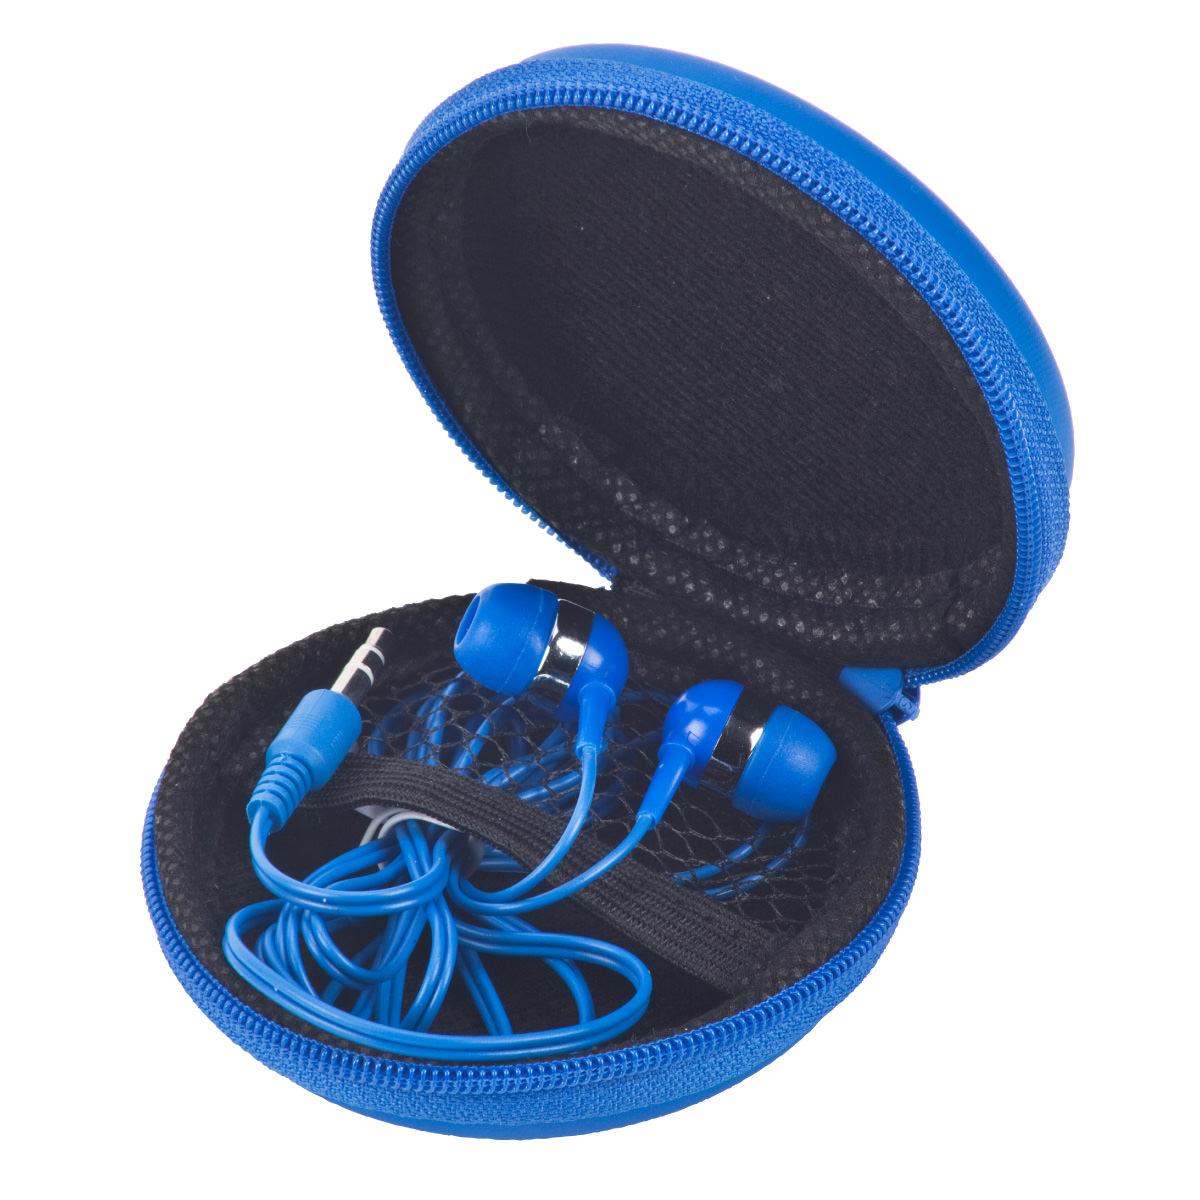 אוזניות איכותיות בנרתיק קשיח - גאליס